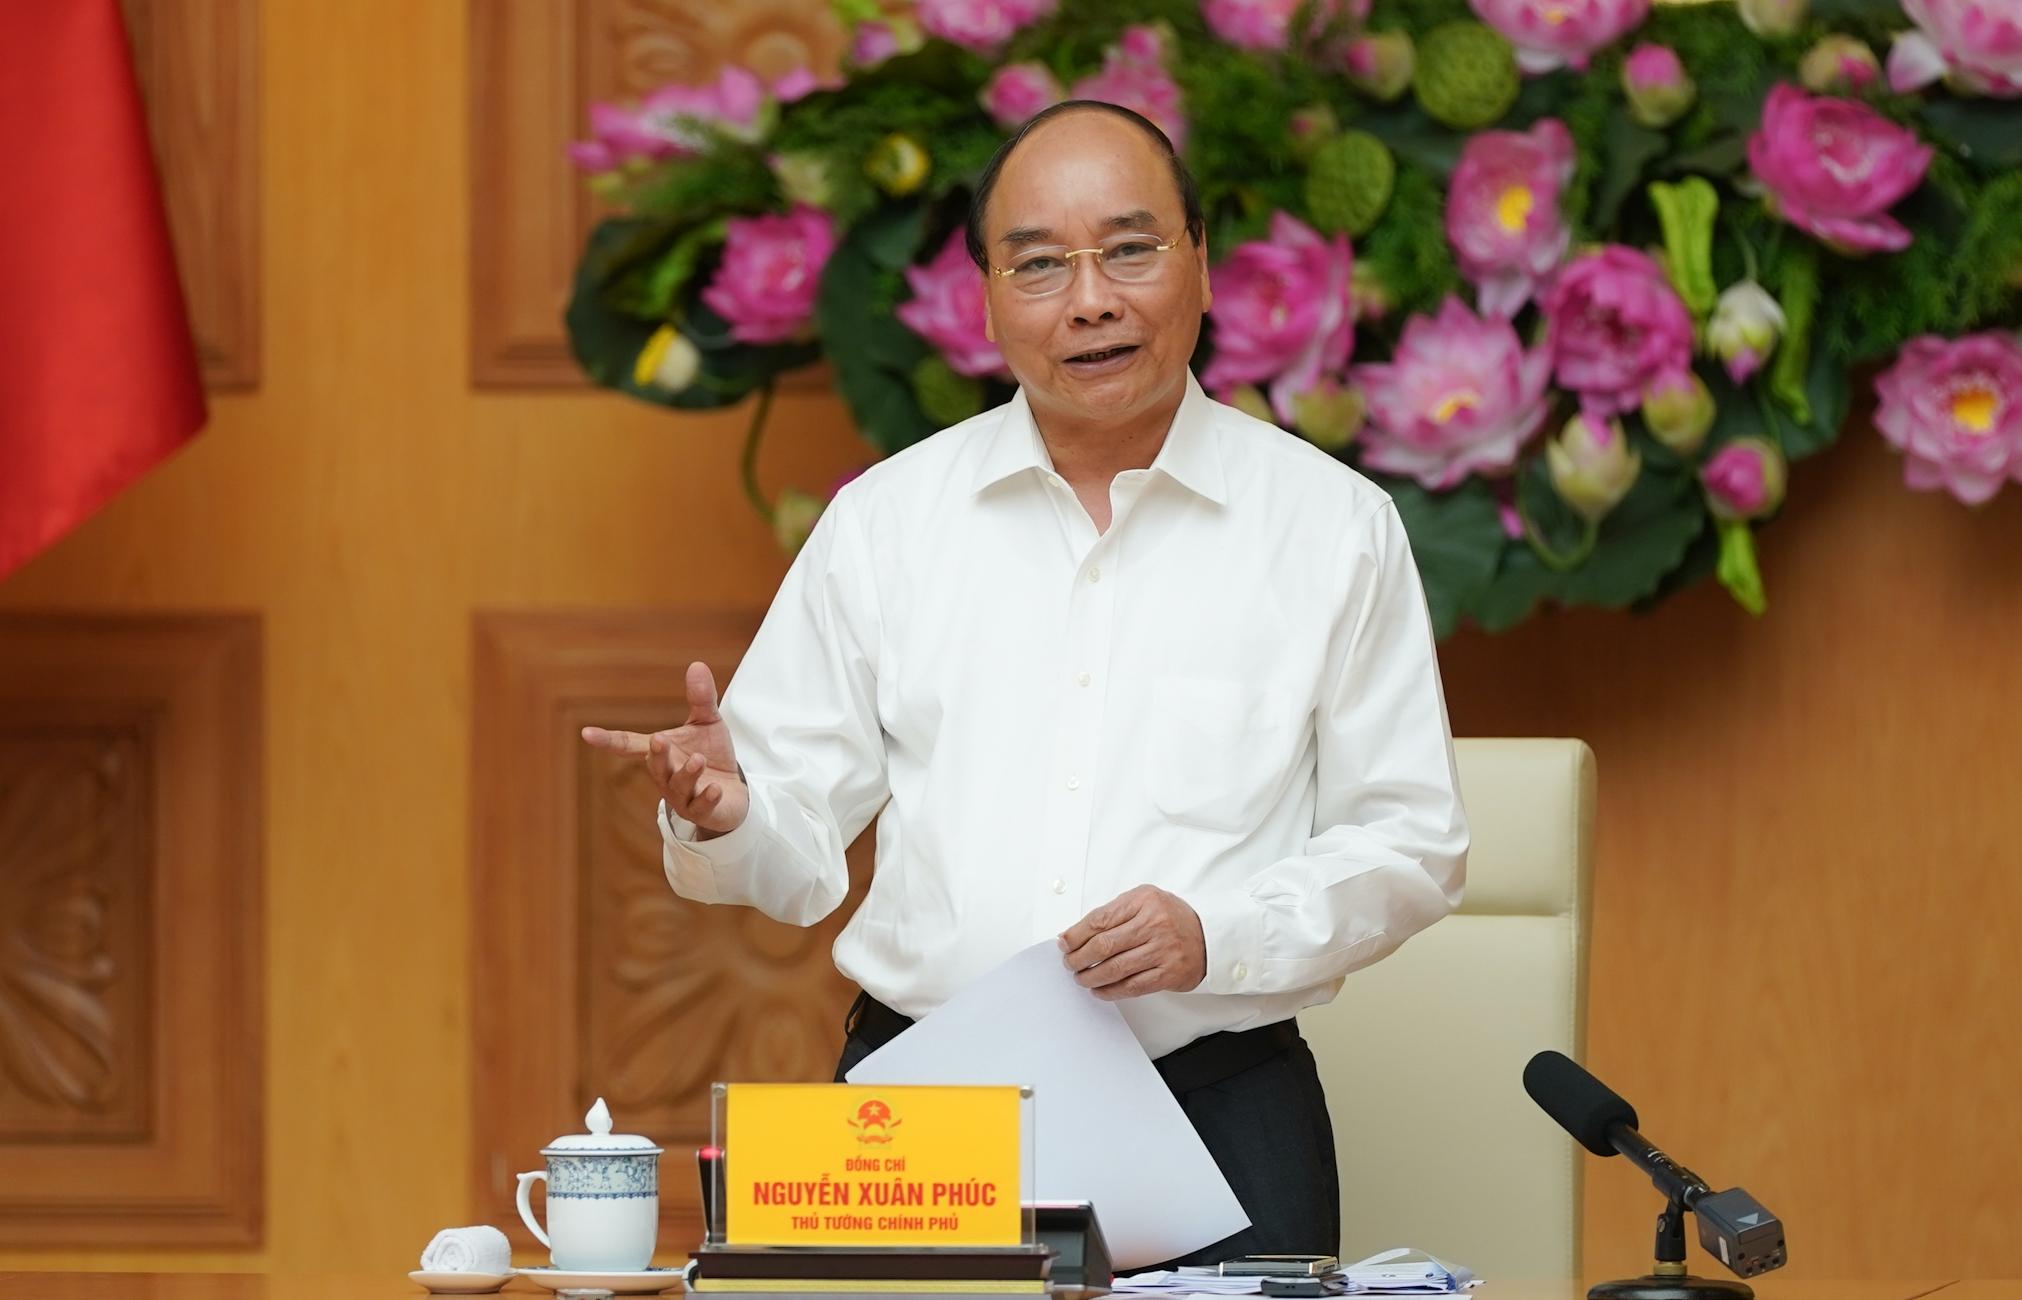 Thủ tướng: Xây dựng kế hoạch dài hơn kích thích kinh tế